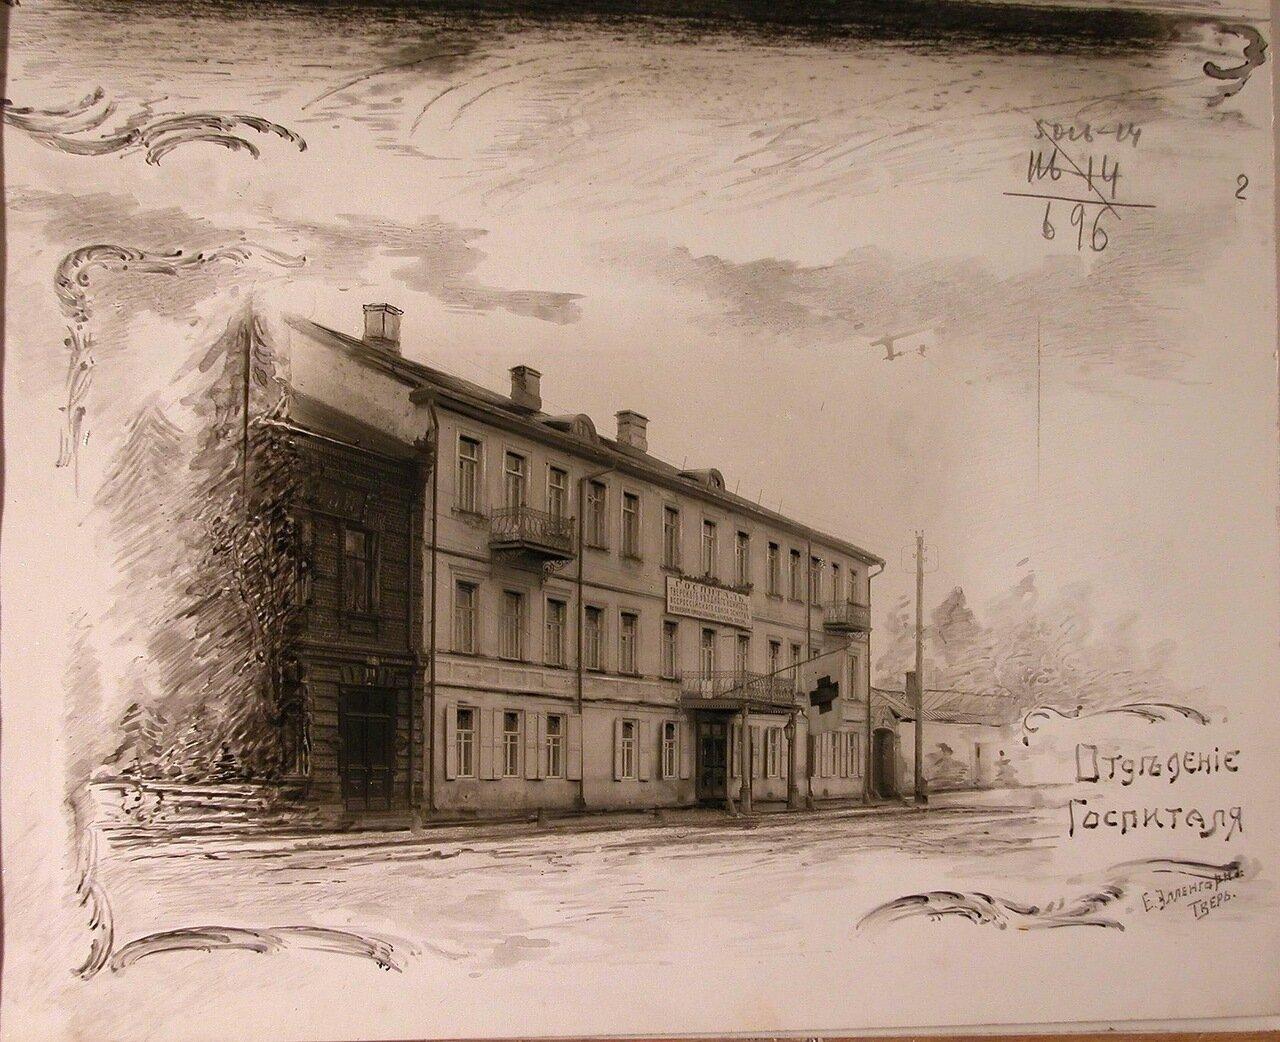 02. Вид здания, где размещалось отделение госпиталя